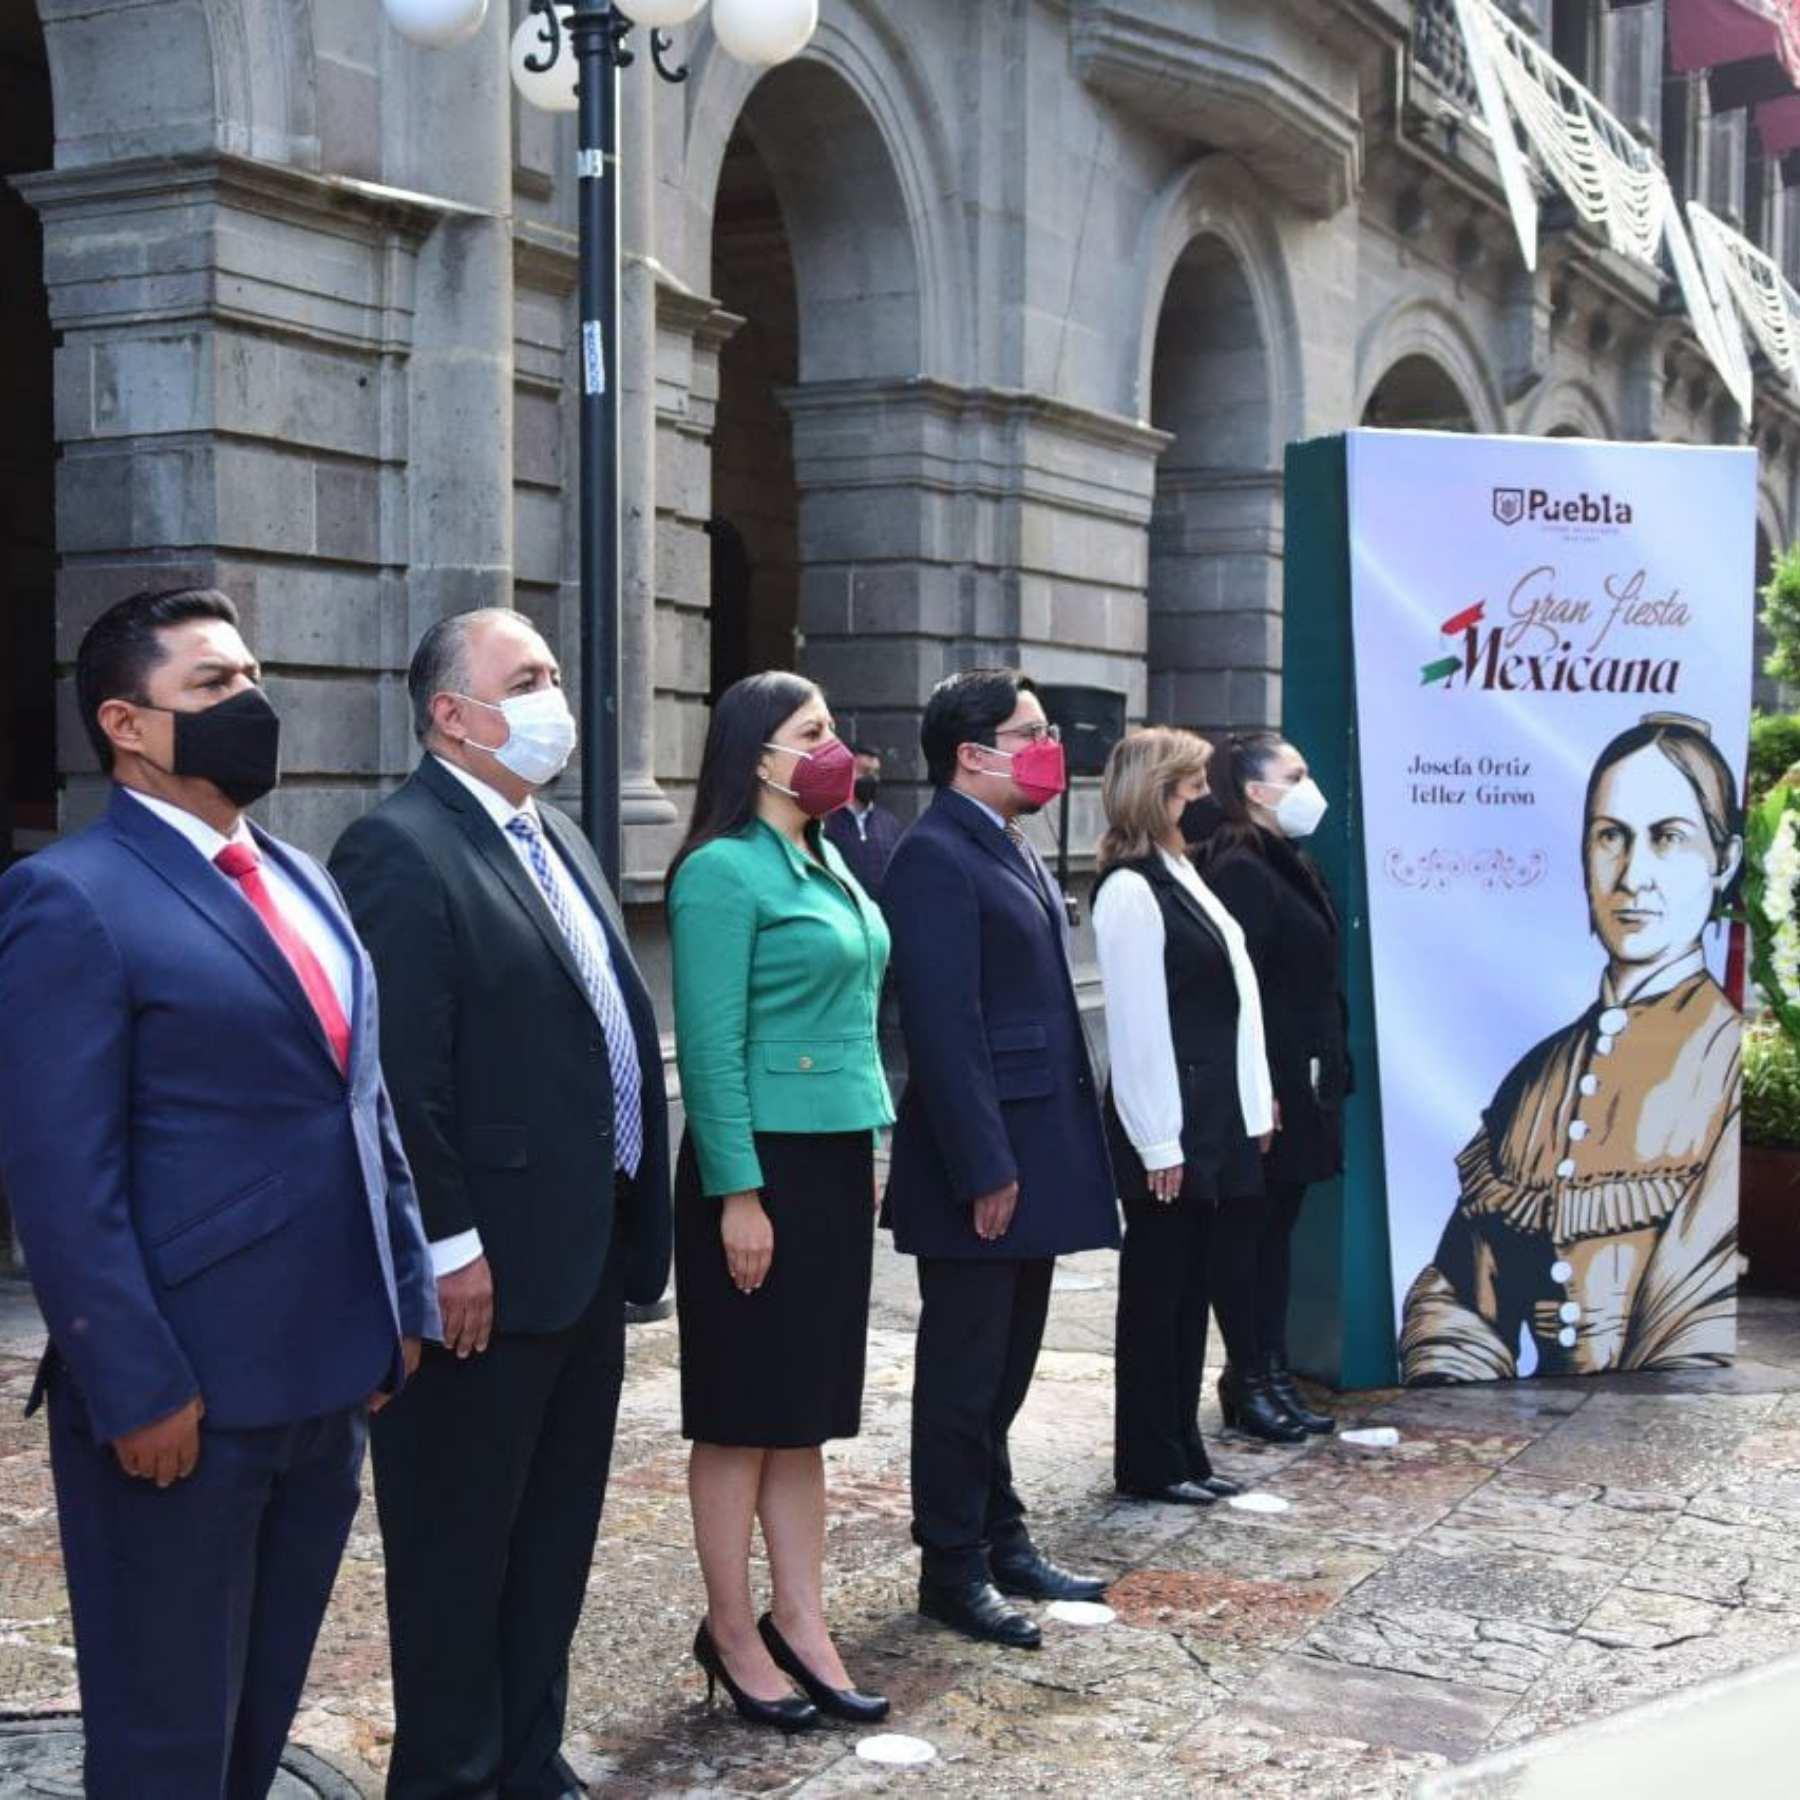 Conmemoran natalicio de Josefa Ortiz Téllez Girón